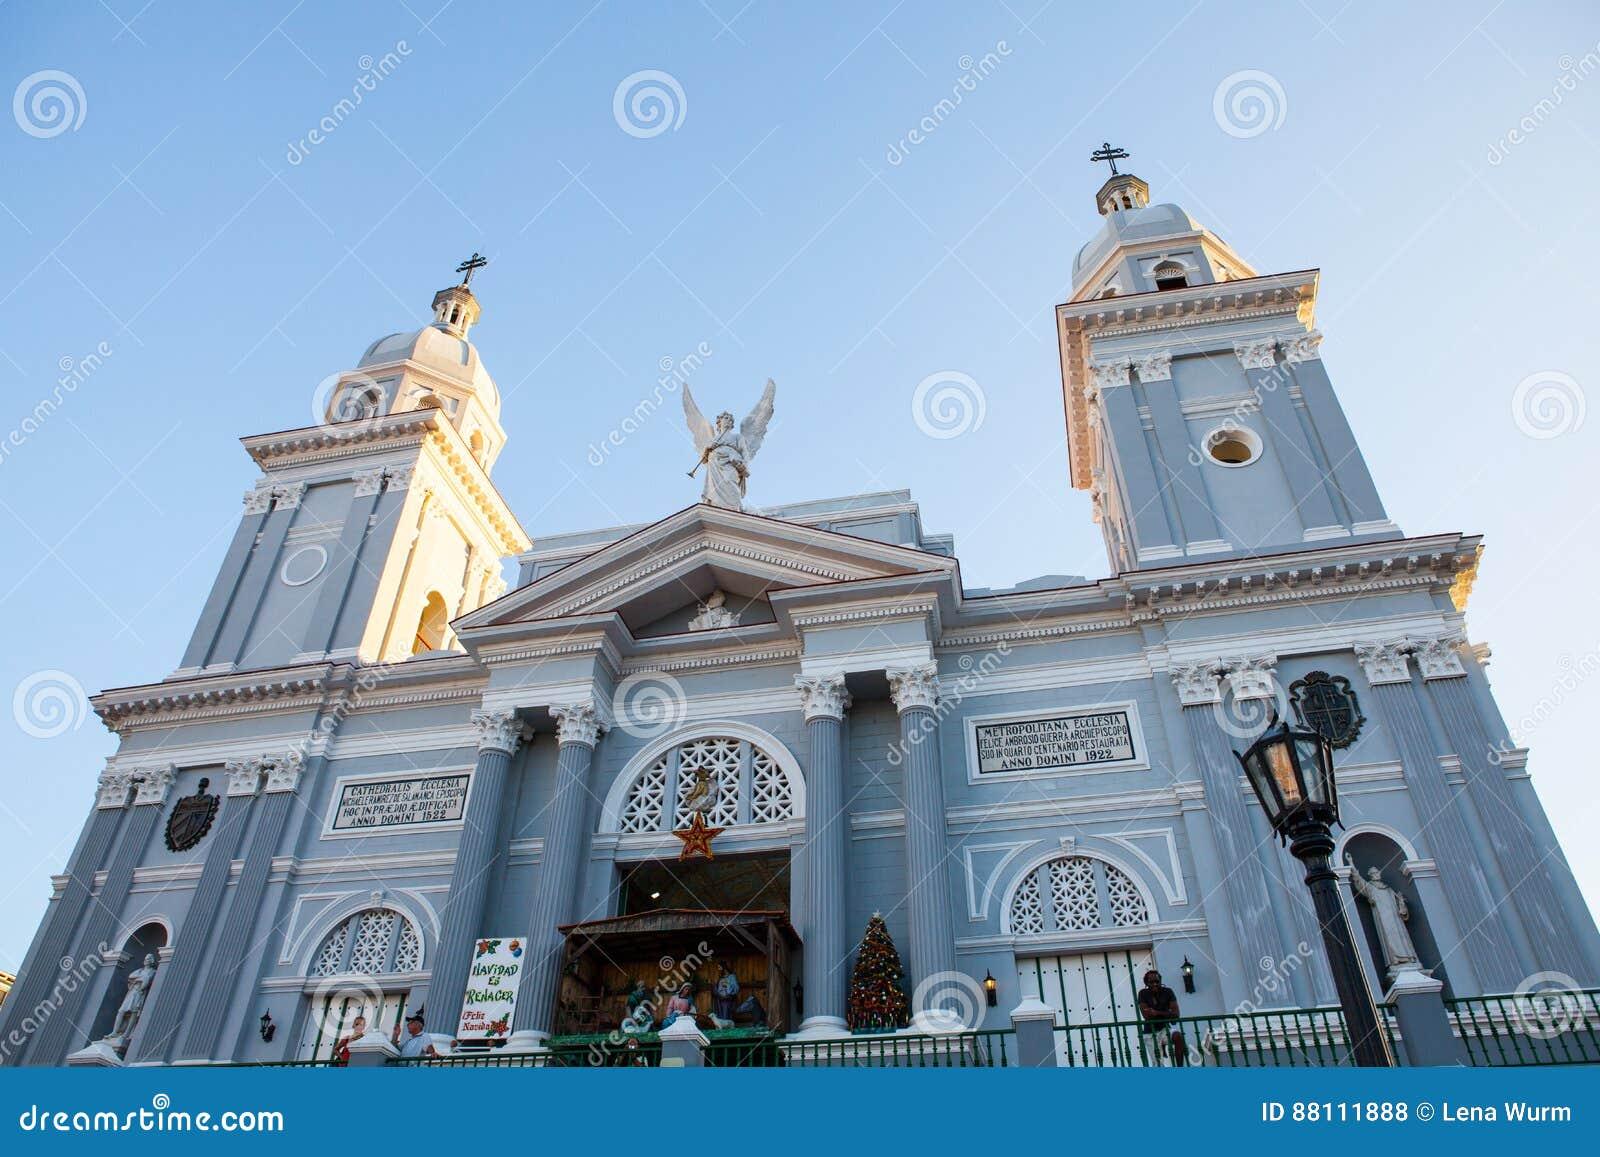 Katholische Kathedralenkirche Während Der Weihnachtszeit Bei ...